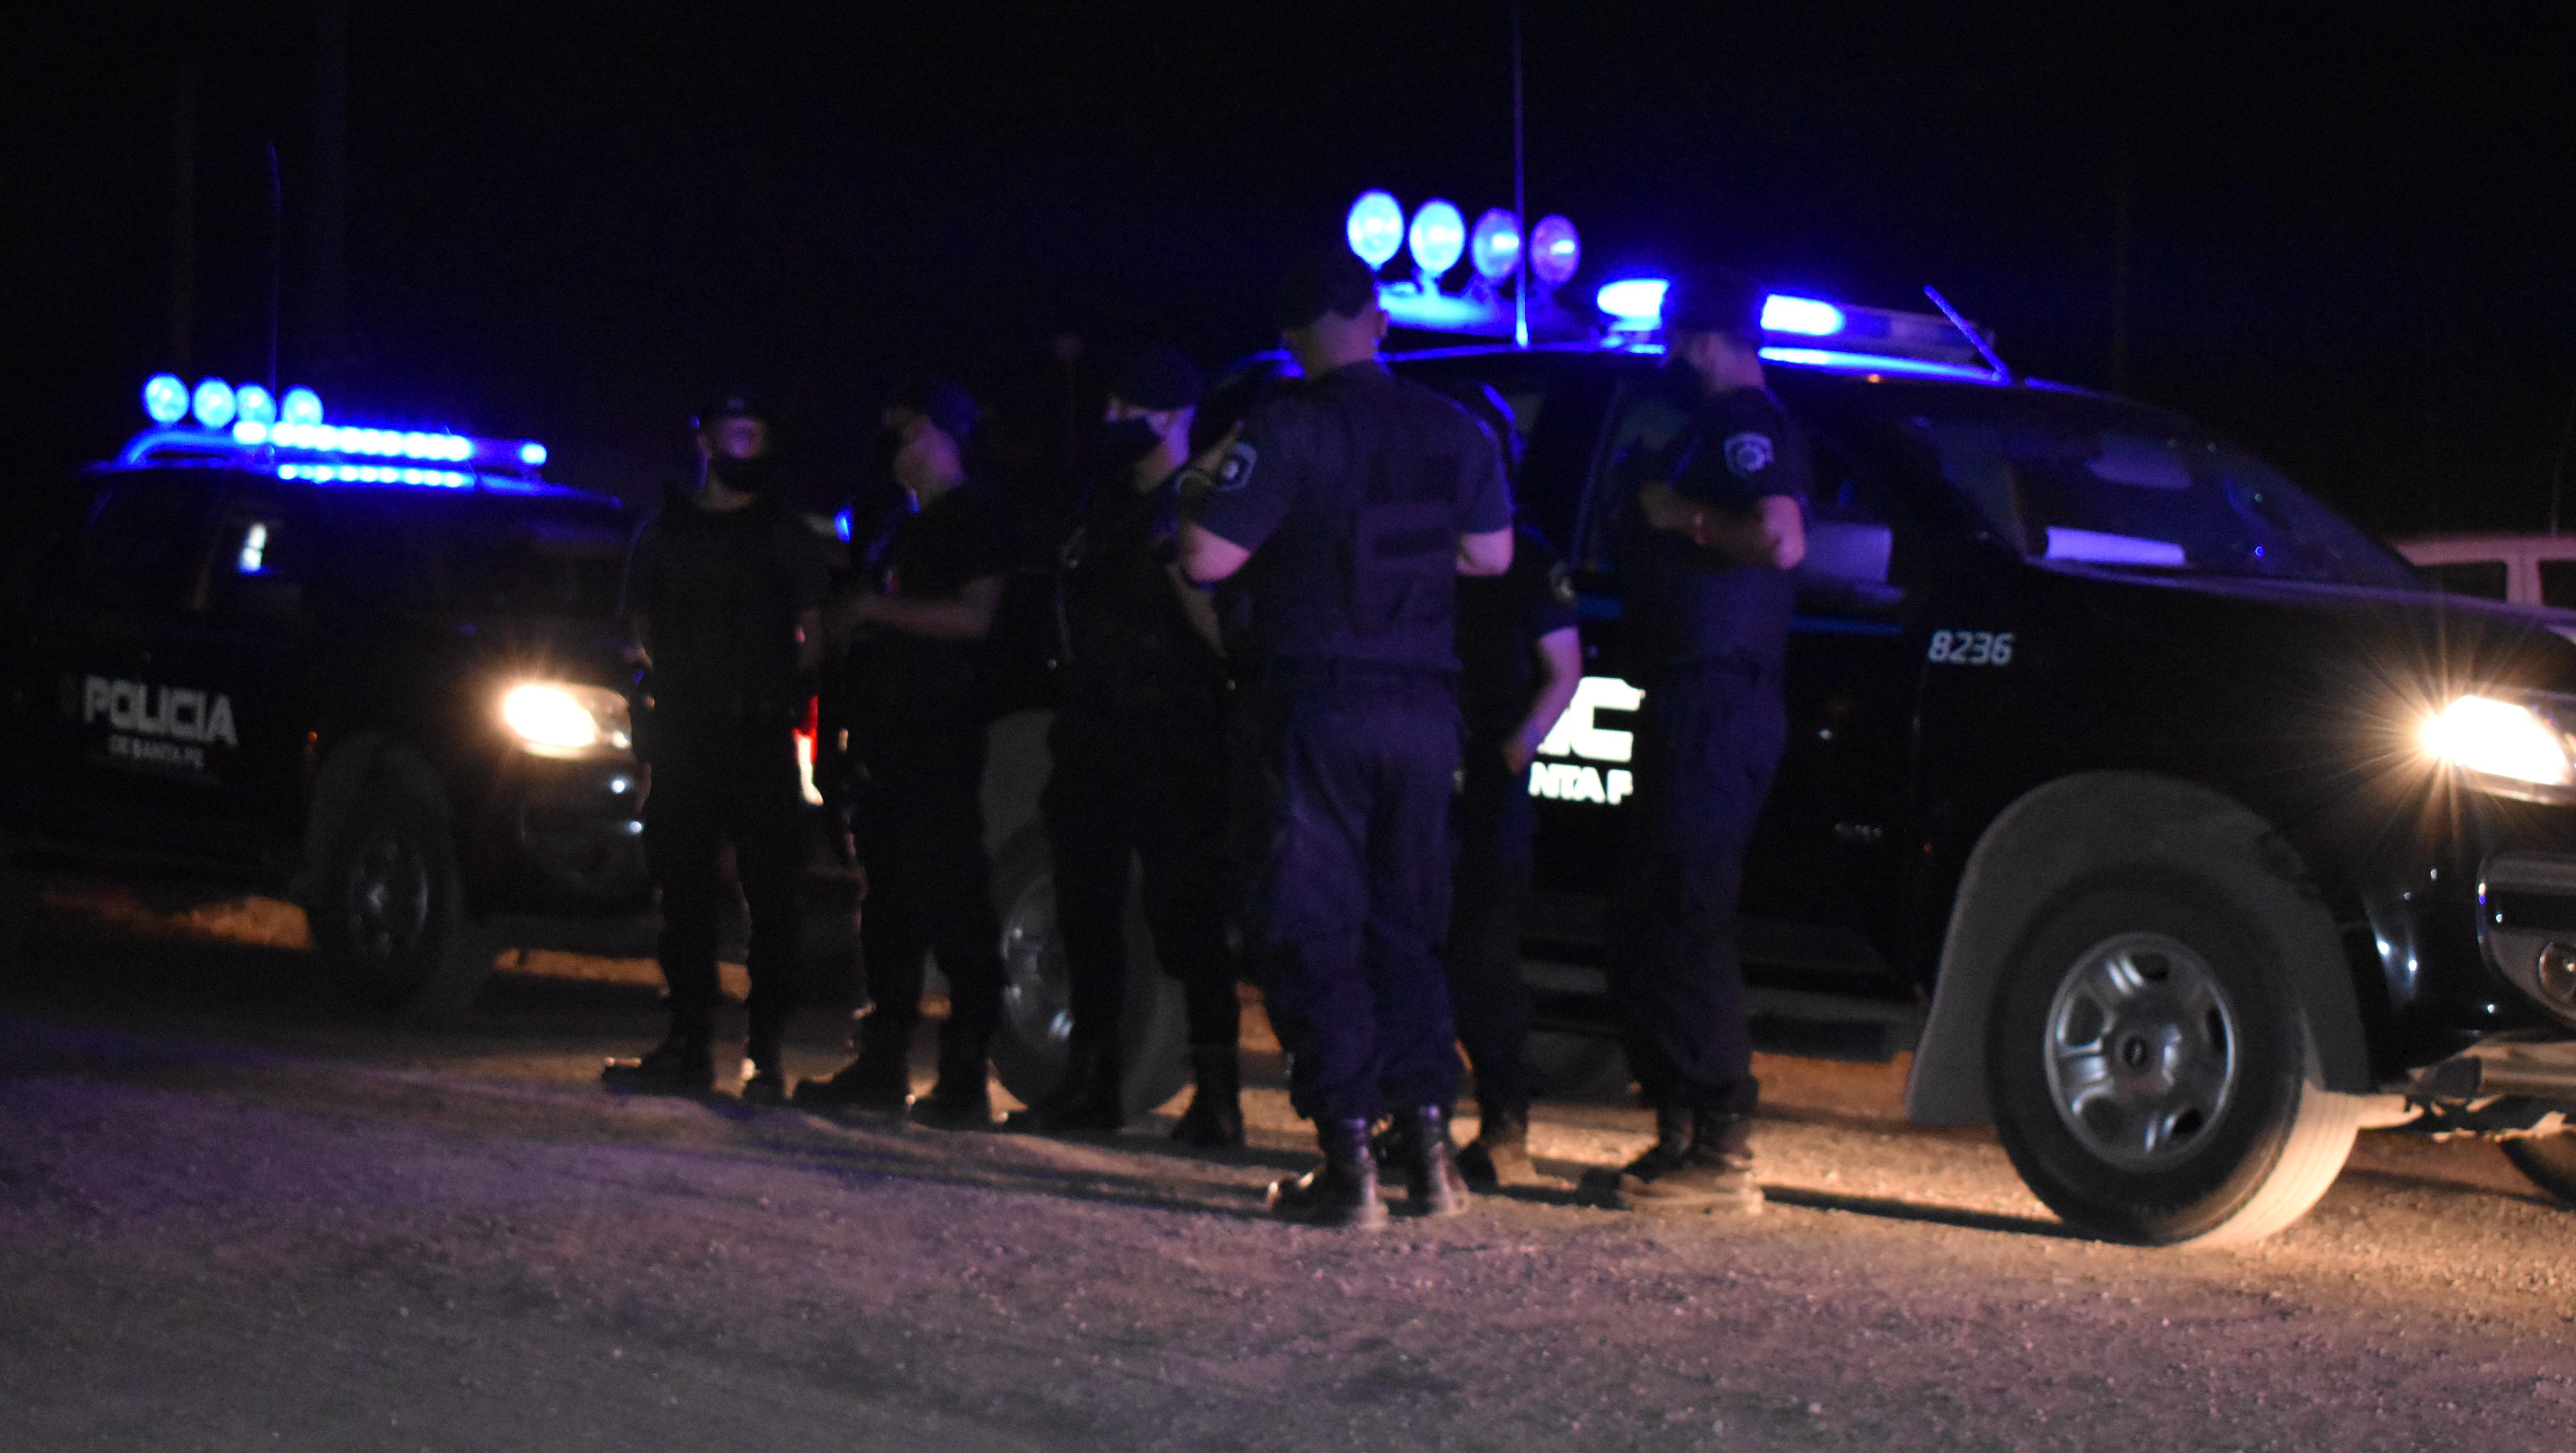 Imágenes de la llegada de la PAT el miércoles por la noche.